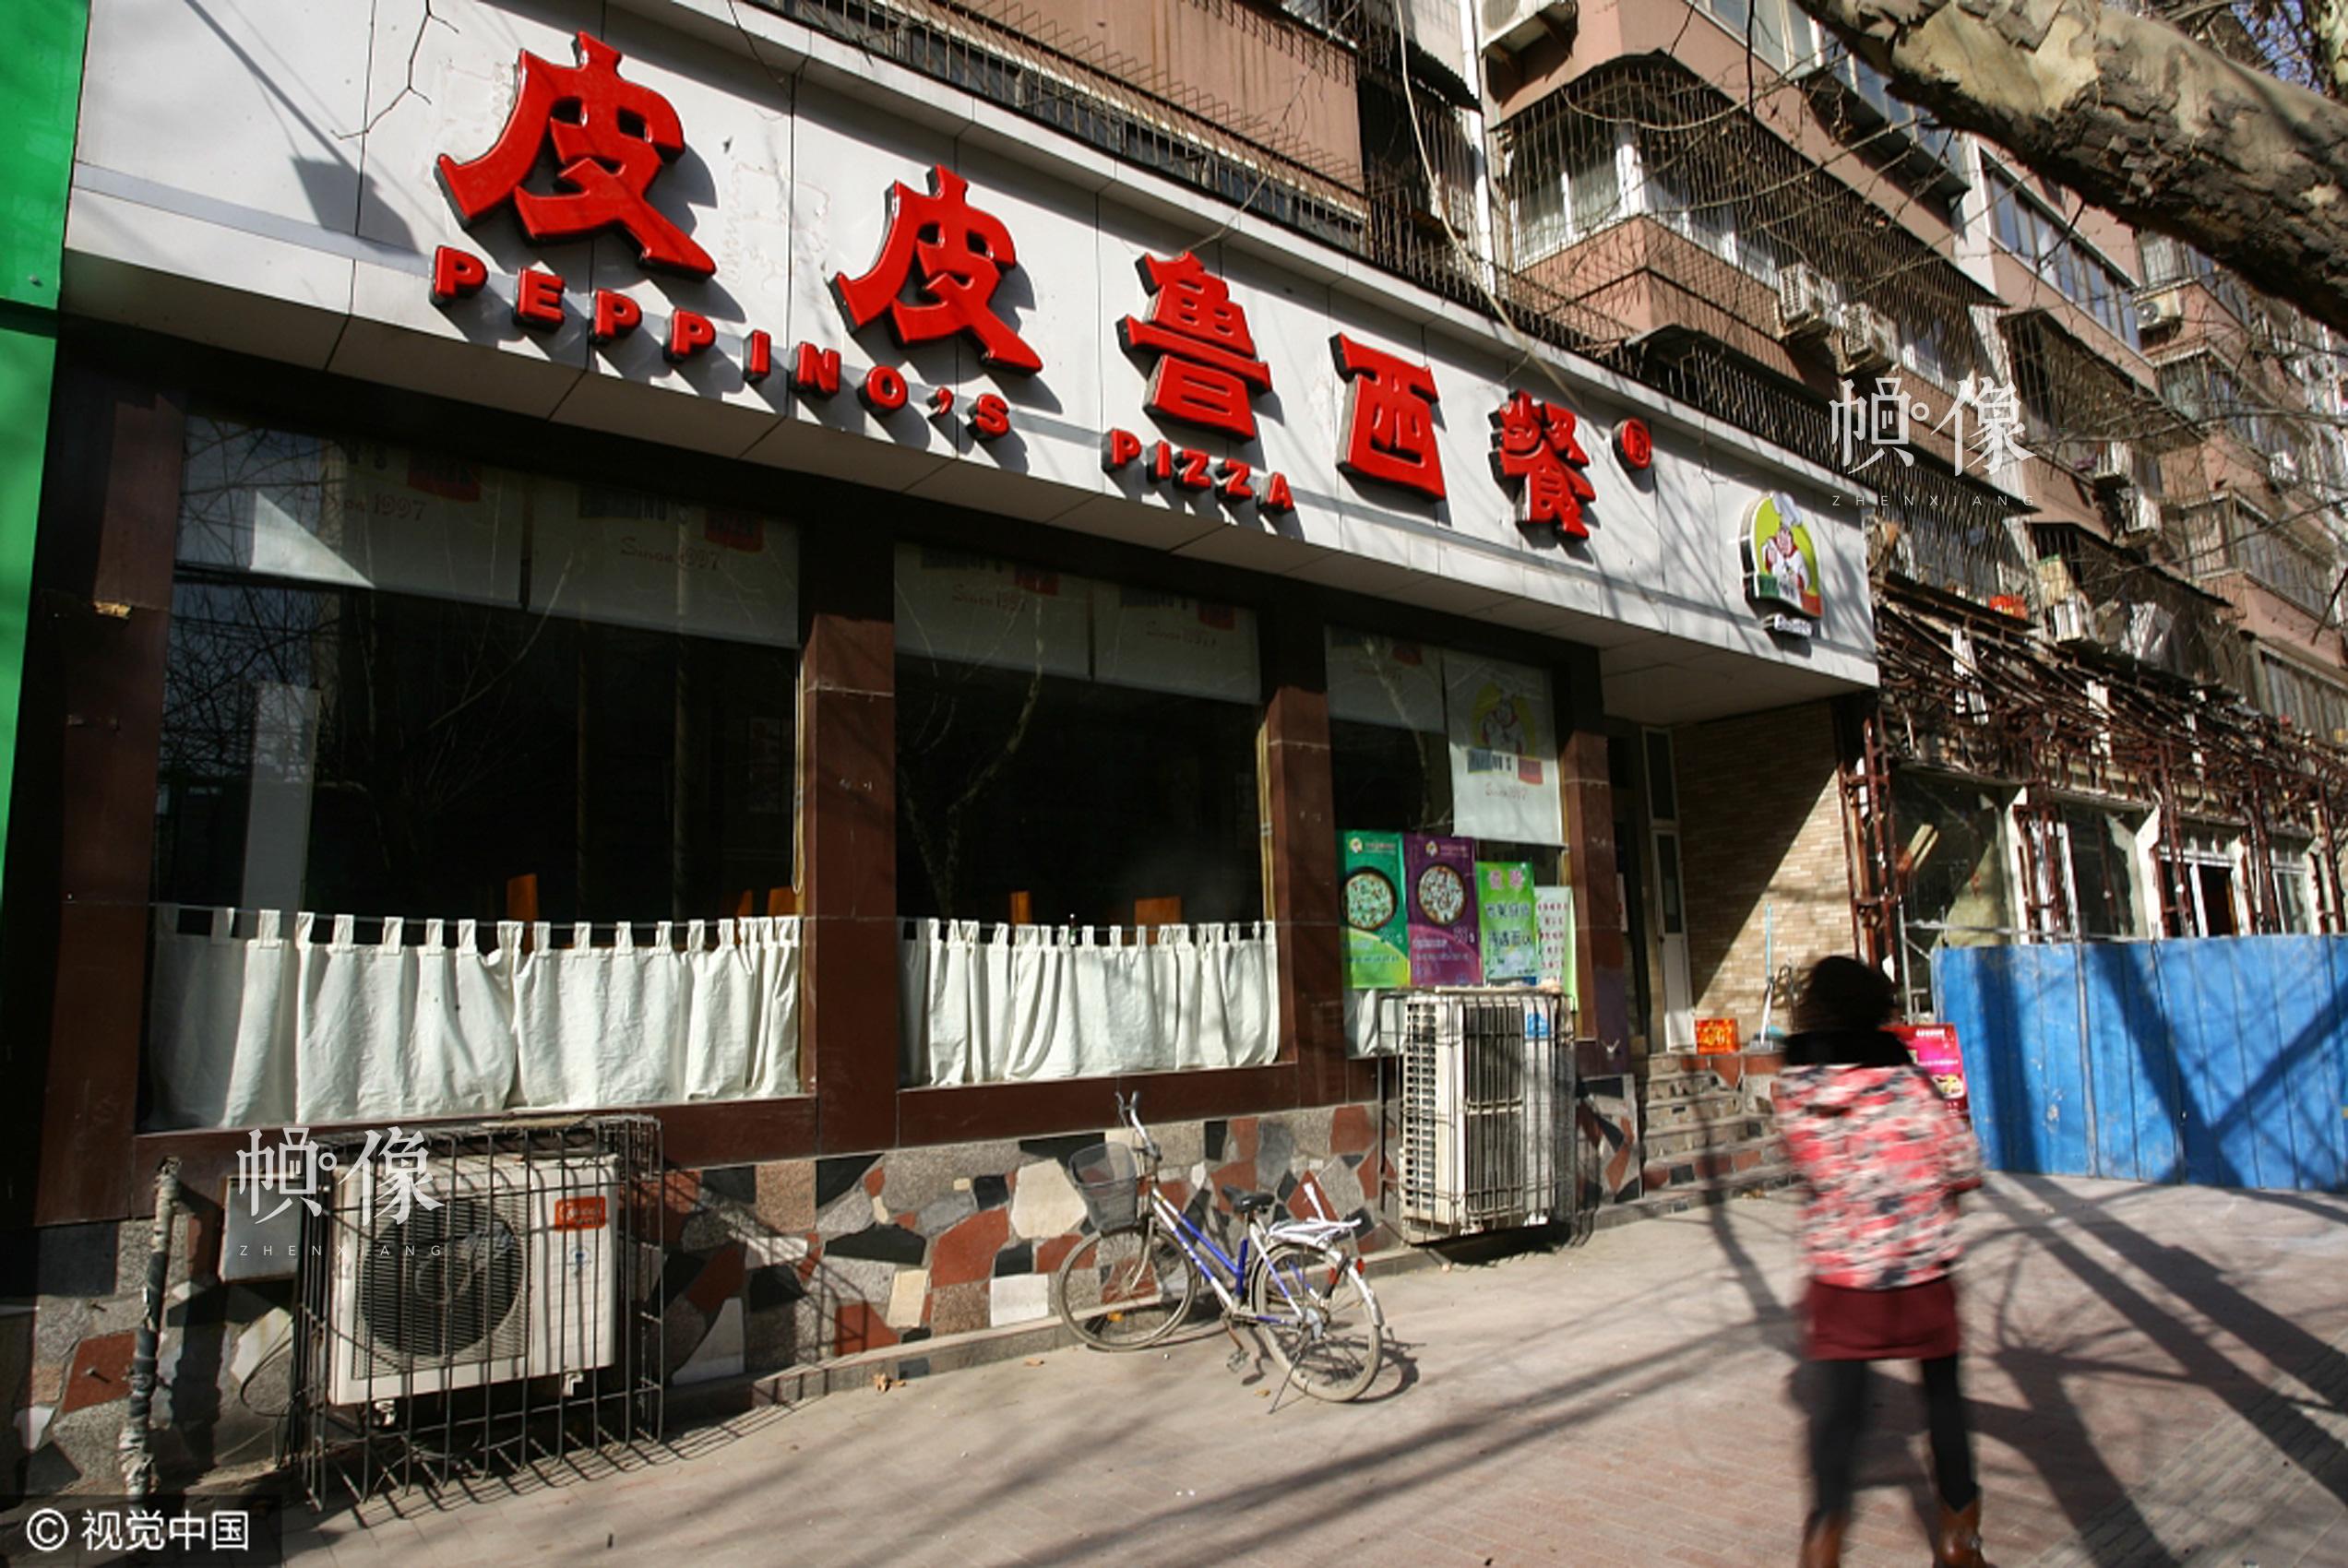 """2011年3月15日,郑州市印象城,""""皮皮鲁西餐厅"""",餐厅工作人员称,他们并未依靠郑渊洁的童话故事进行过宣传。童话大王郑渊洁在微博上称,有人在郑州经营""""皮皮鲁西餐厅"""",他从未授权过此行为。 视觉中国"""